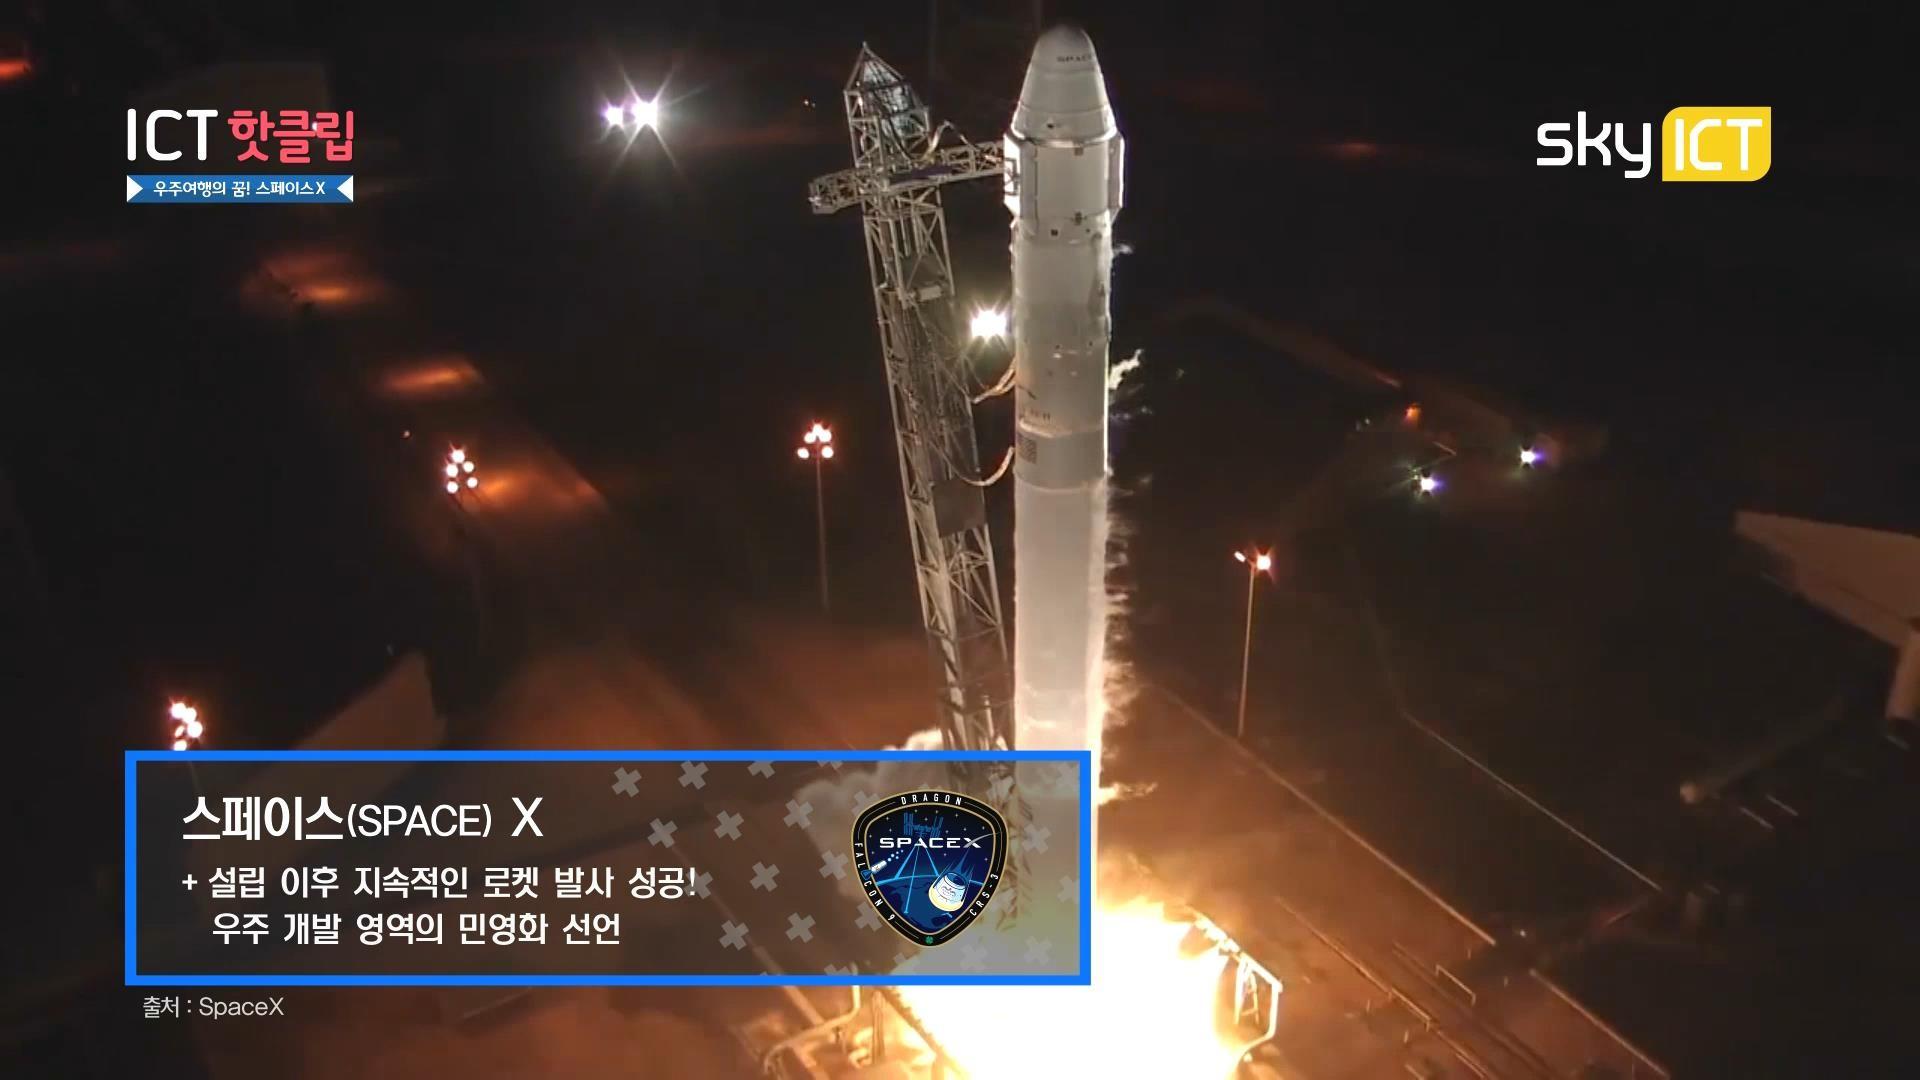 우주여행의 꿈! 스페이스X_ICT 핫클립 8월 4주차